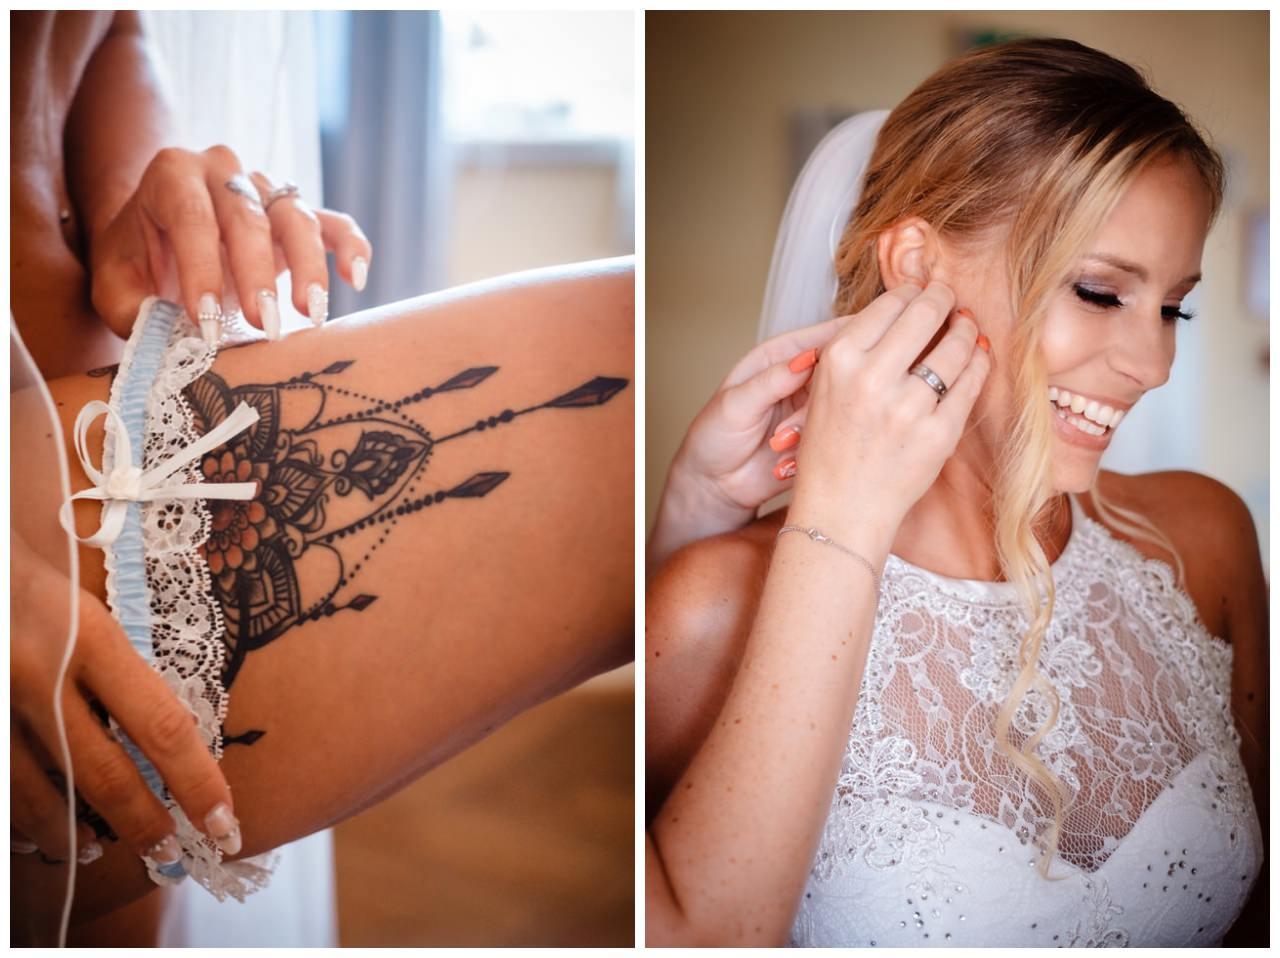 Getting Ready vor der Hochzeit Fotograf Tipps 92 - 8 Tipps für die schönsten Getting Ready Fotos